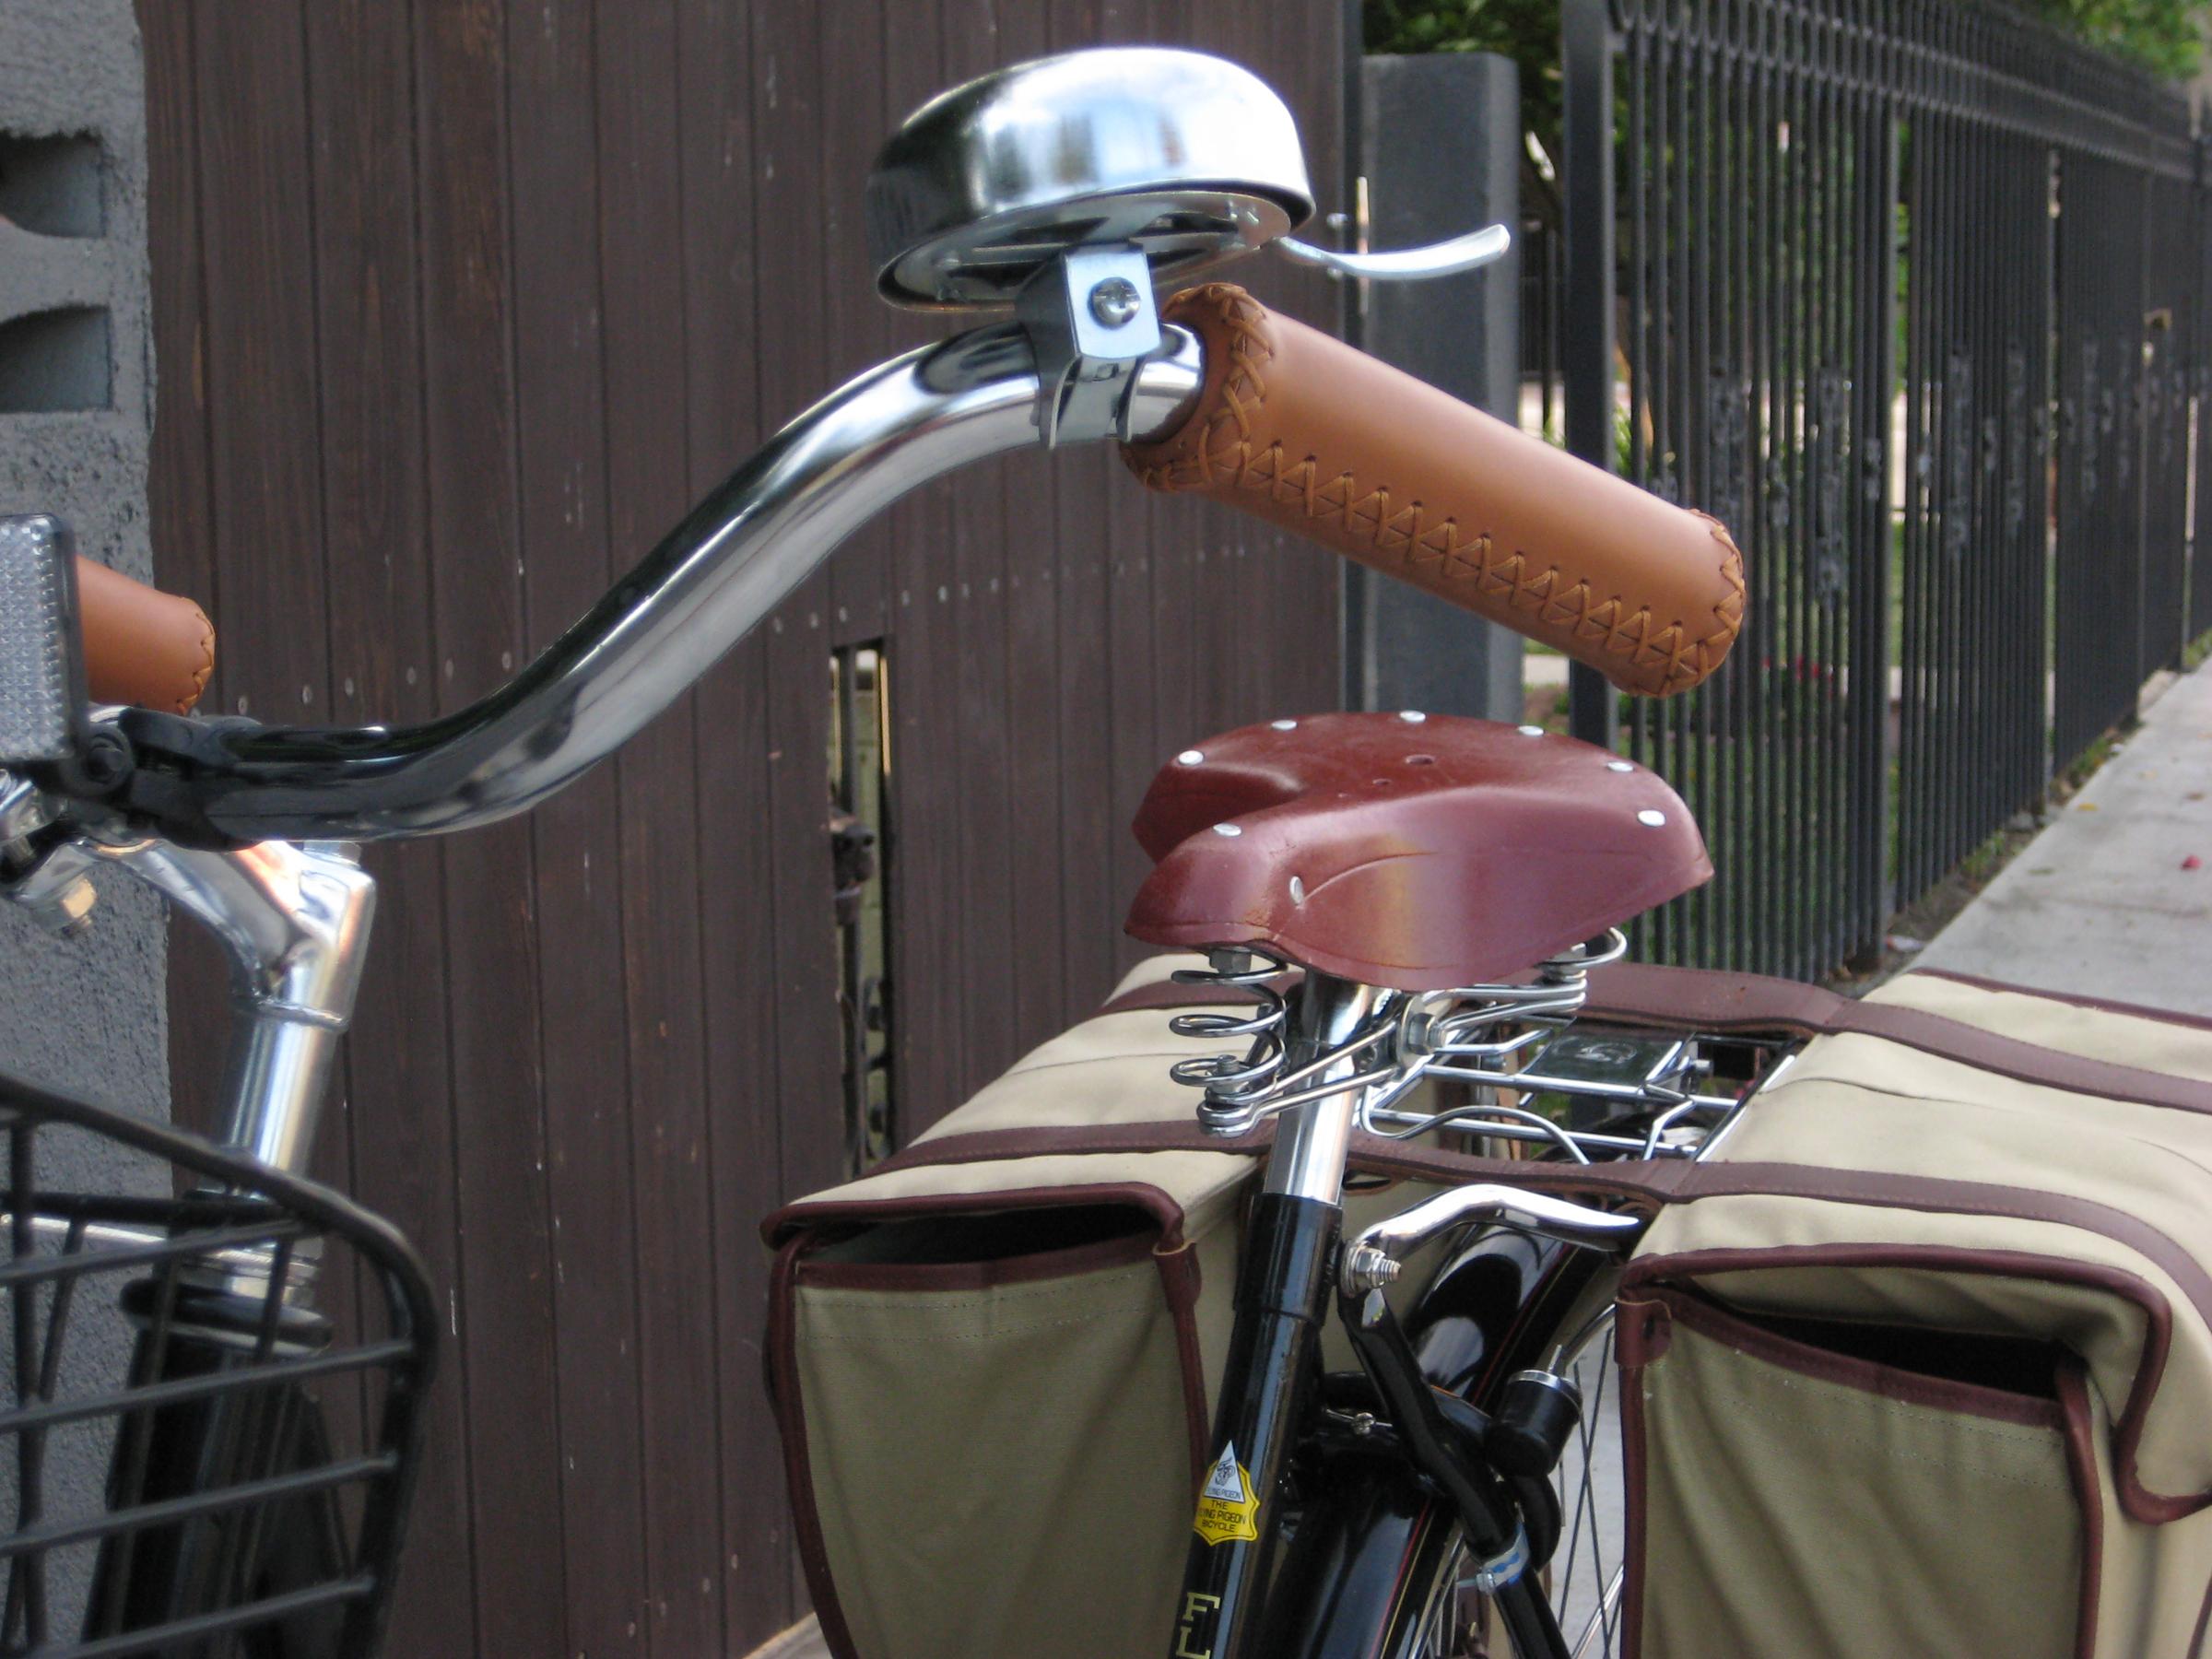 Bikes Handlebar Brake Facts Bicycle bell